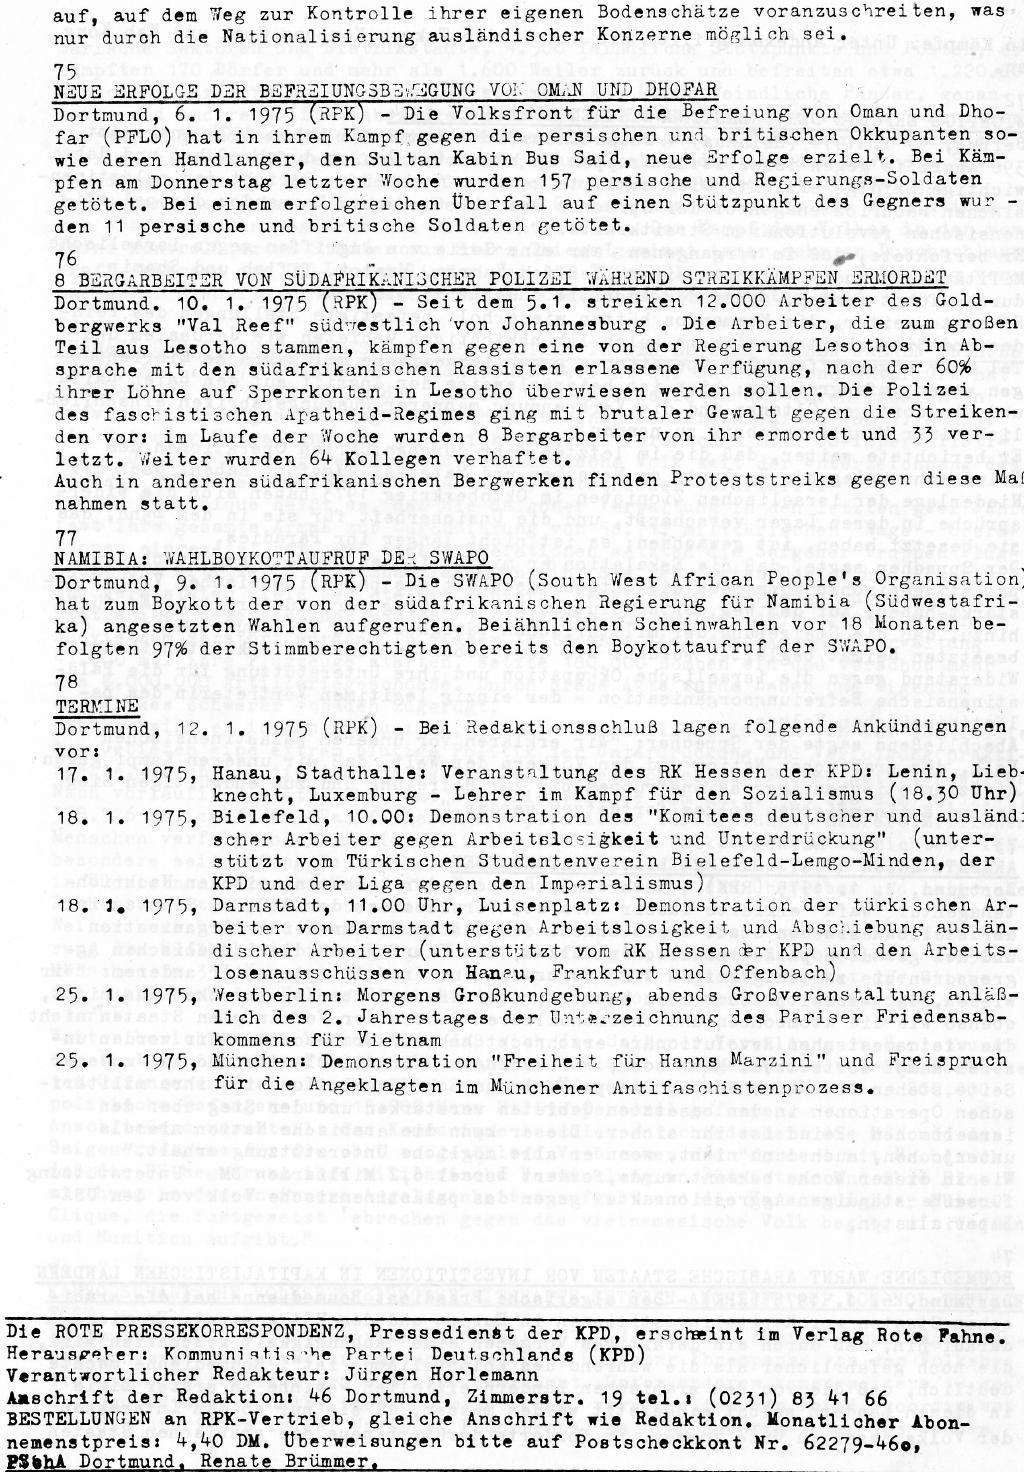 RPK_Pressedienst_1975_08_12